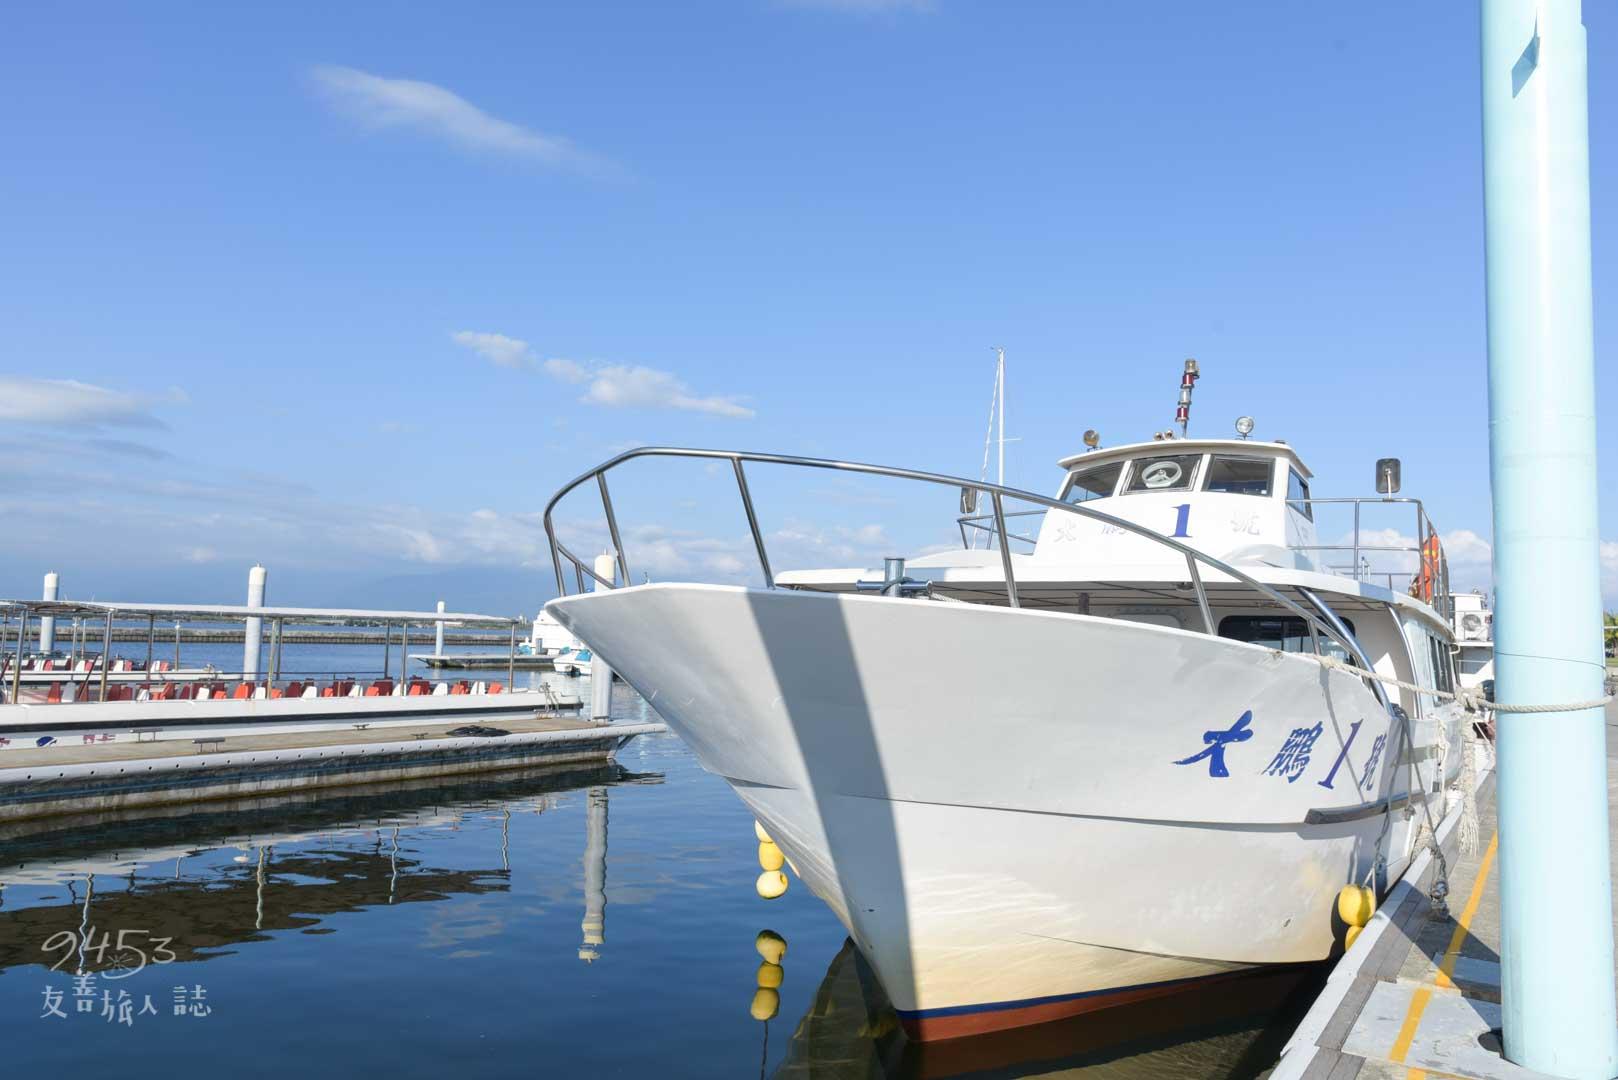 純白色遊艇外觀